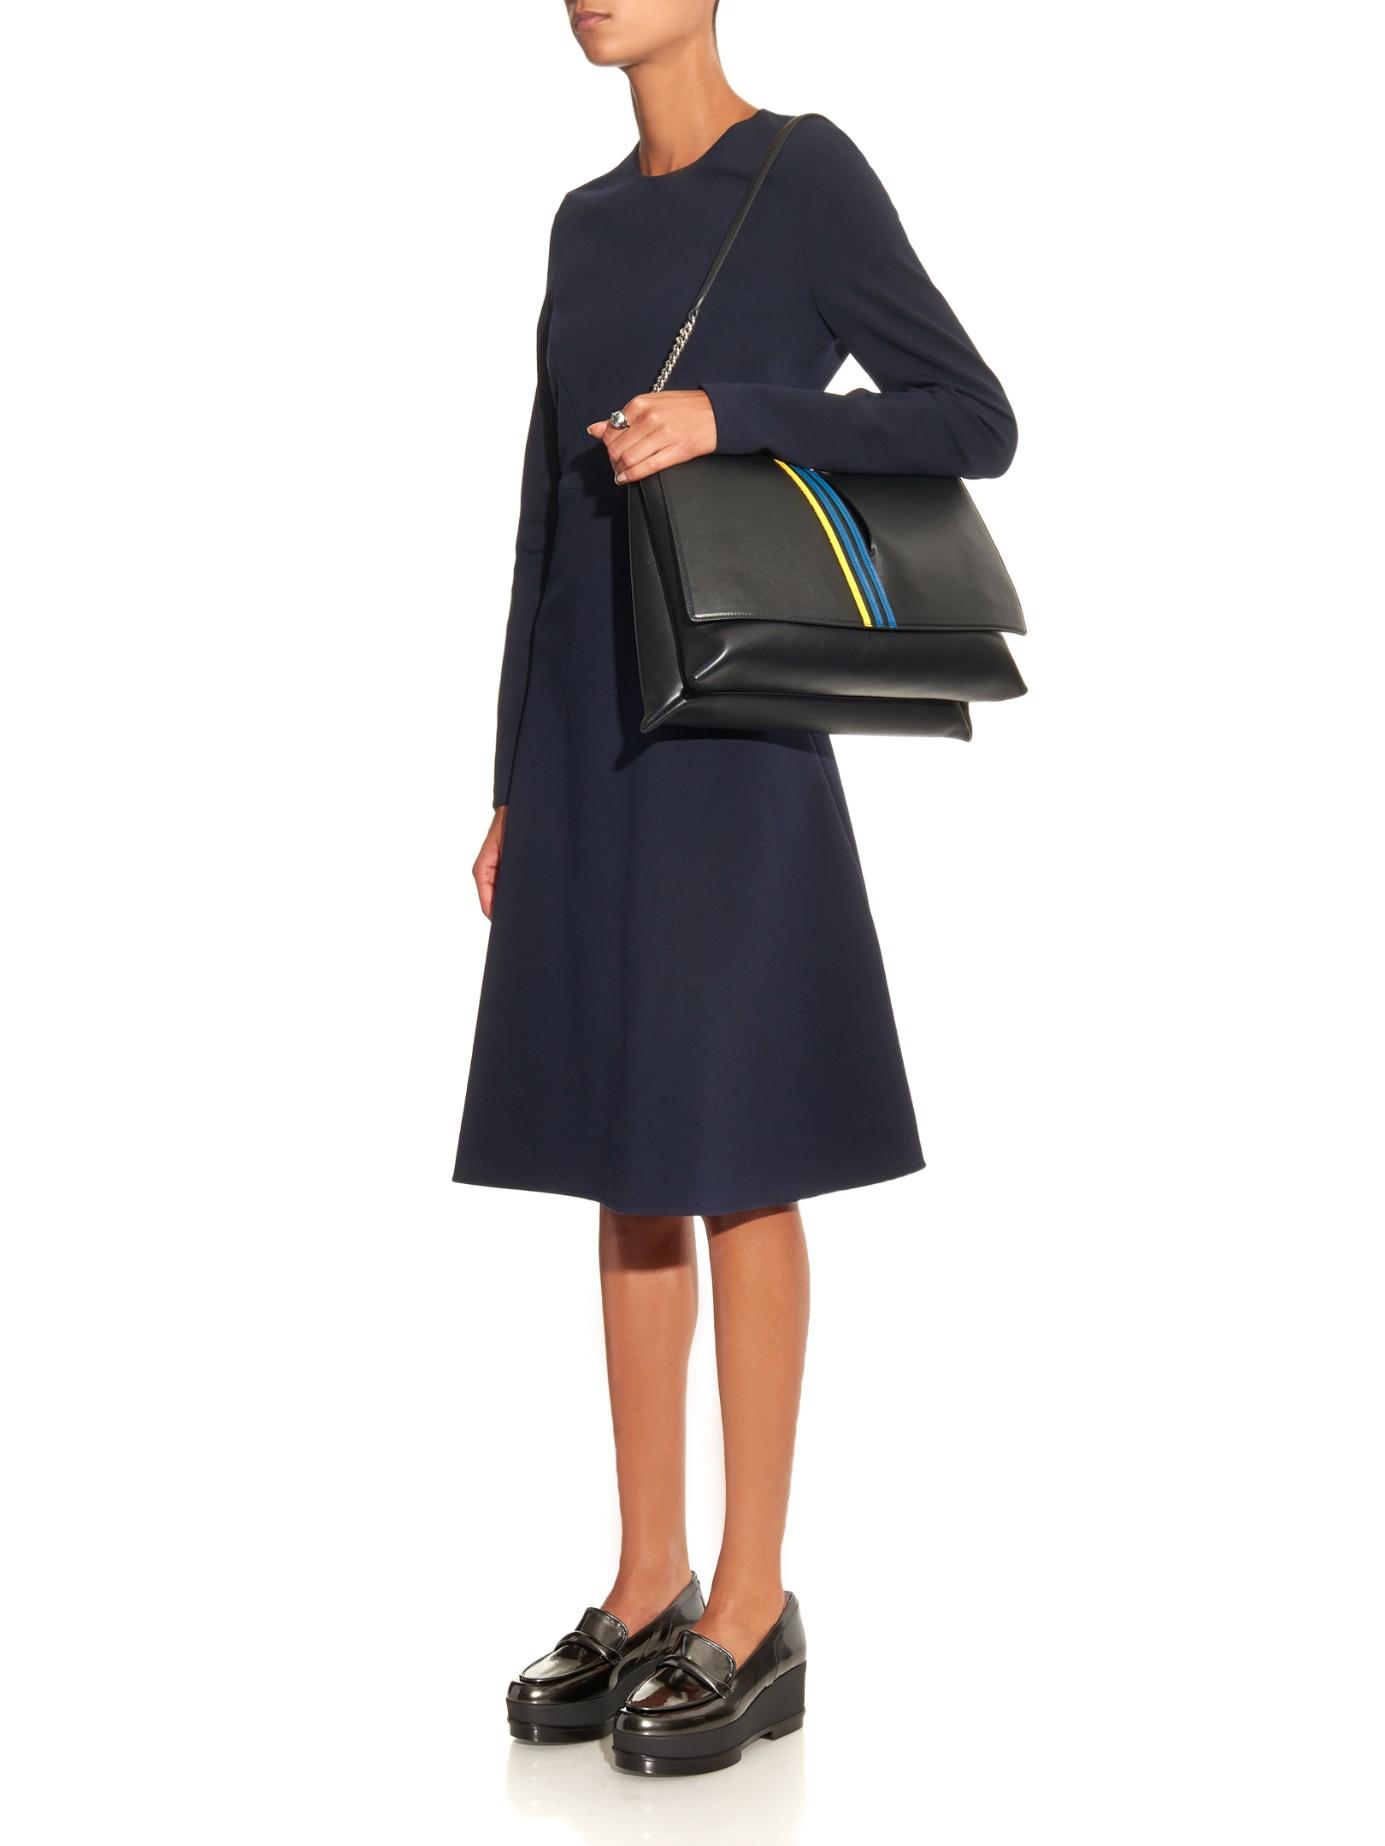 Jil Sander flap shoulder bag Sale Collections Best Store To Get Sale Authentic 4P4hs